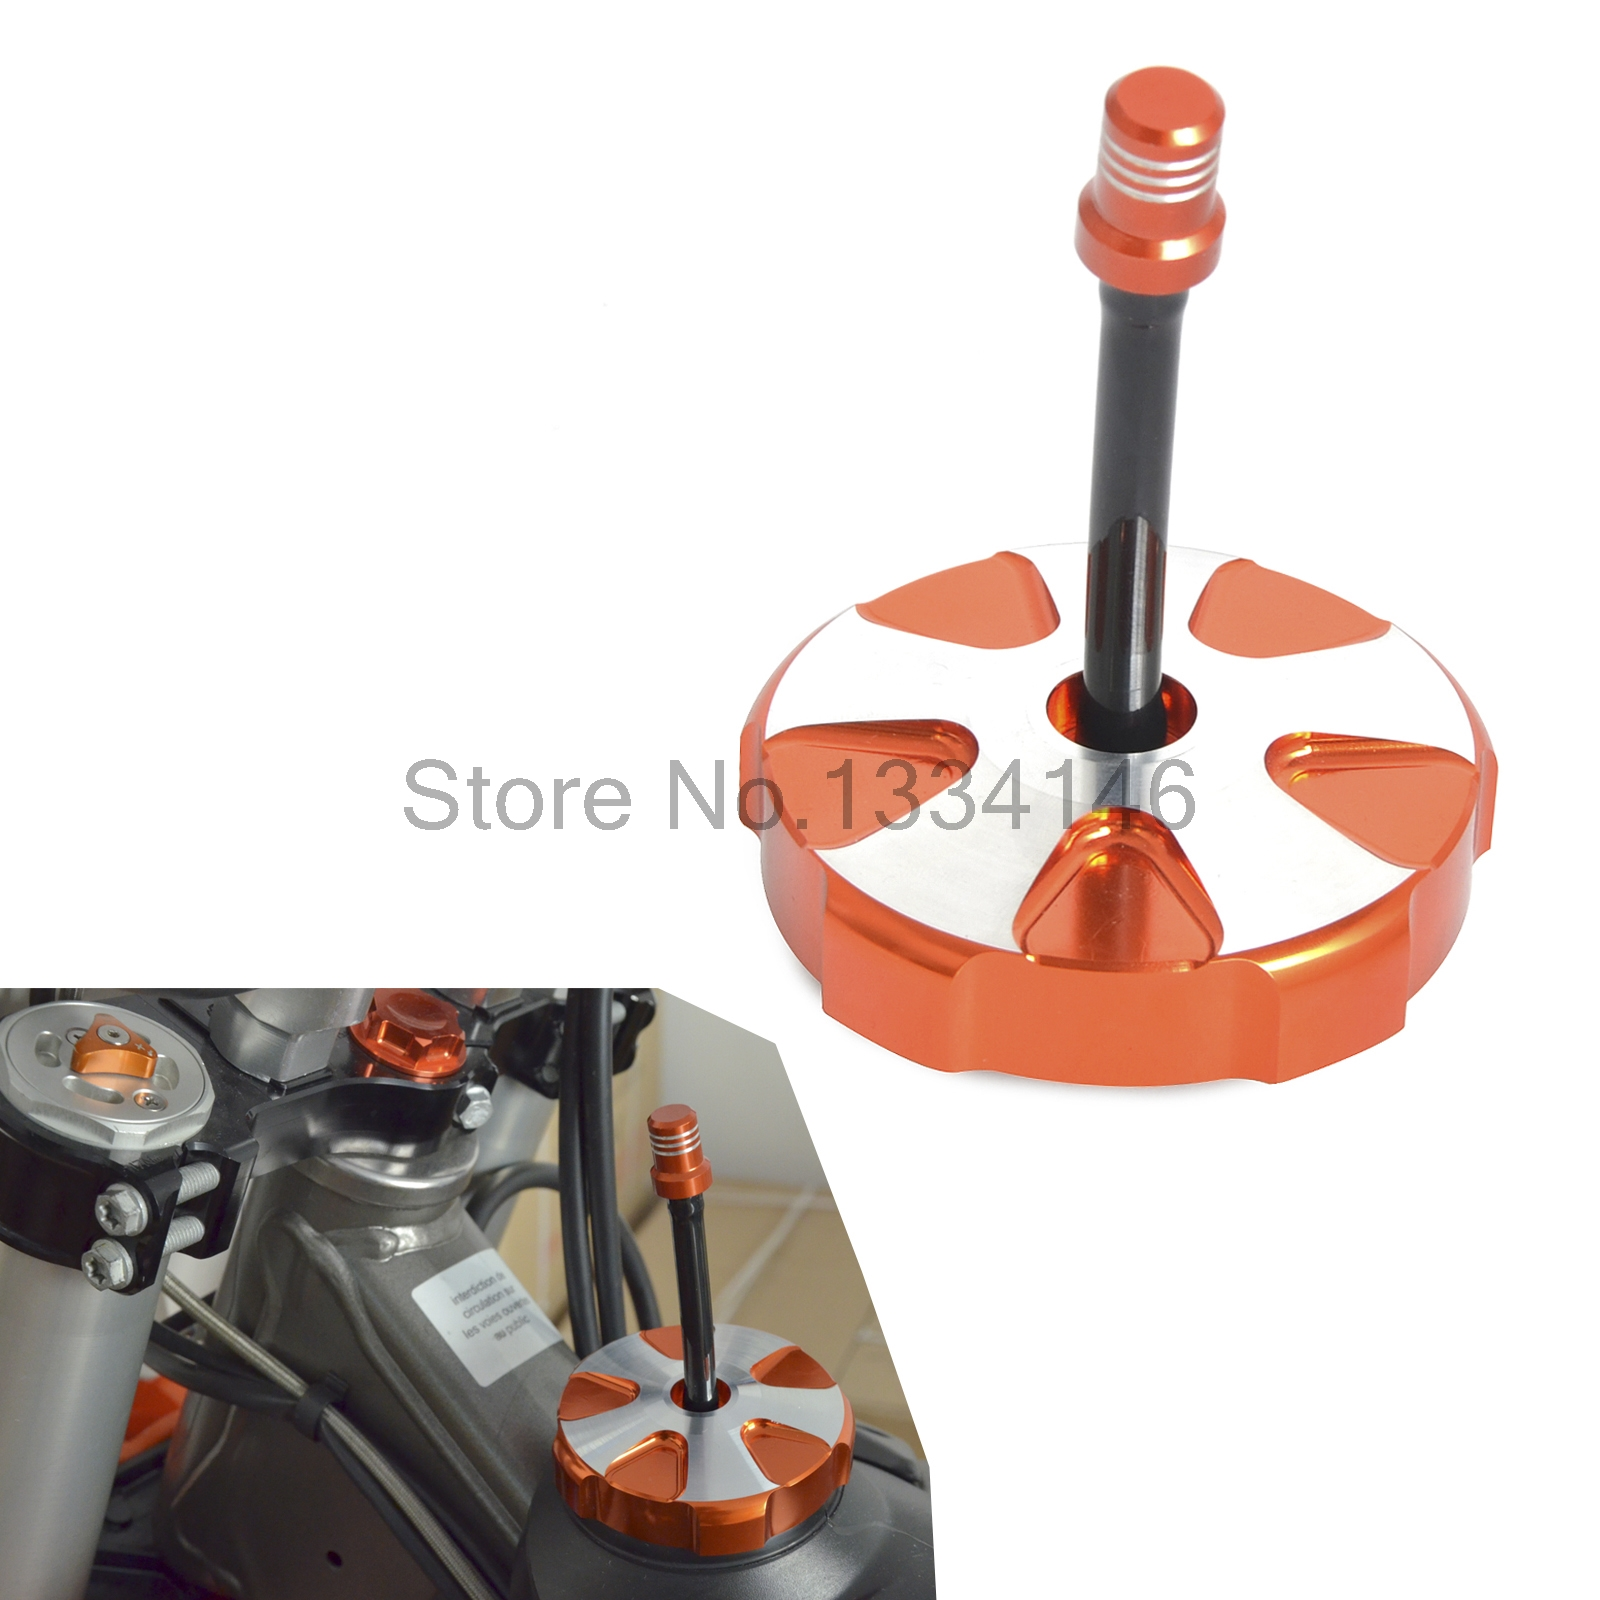 Gas Fuel Petrol Tank Cap Cover With Vent Hose For KTM 85 125 150 250 350 450 SX/SX-F 2013-2017 450 SMR 2013 2014<br>